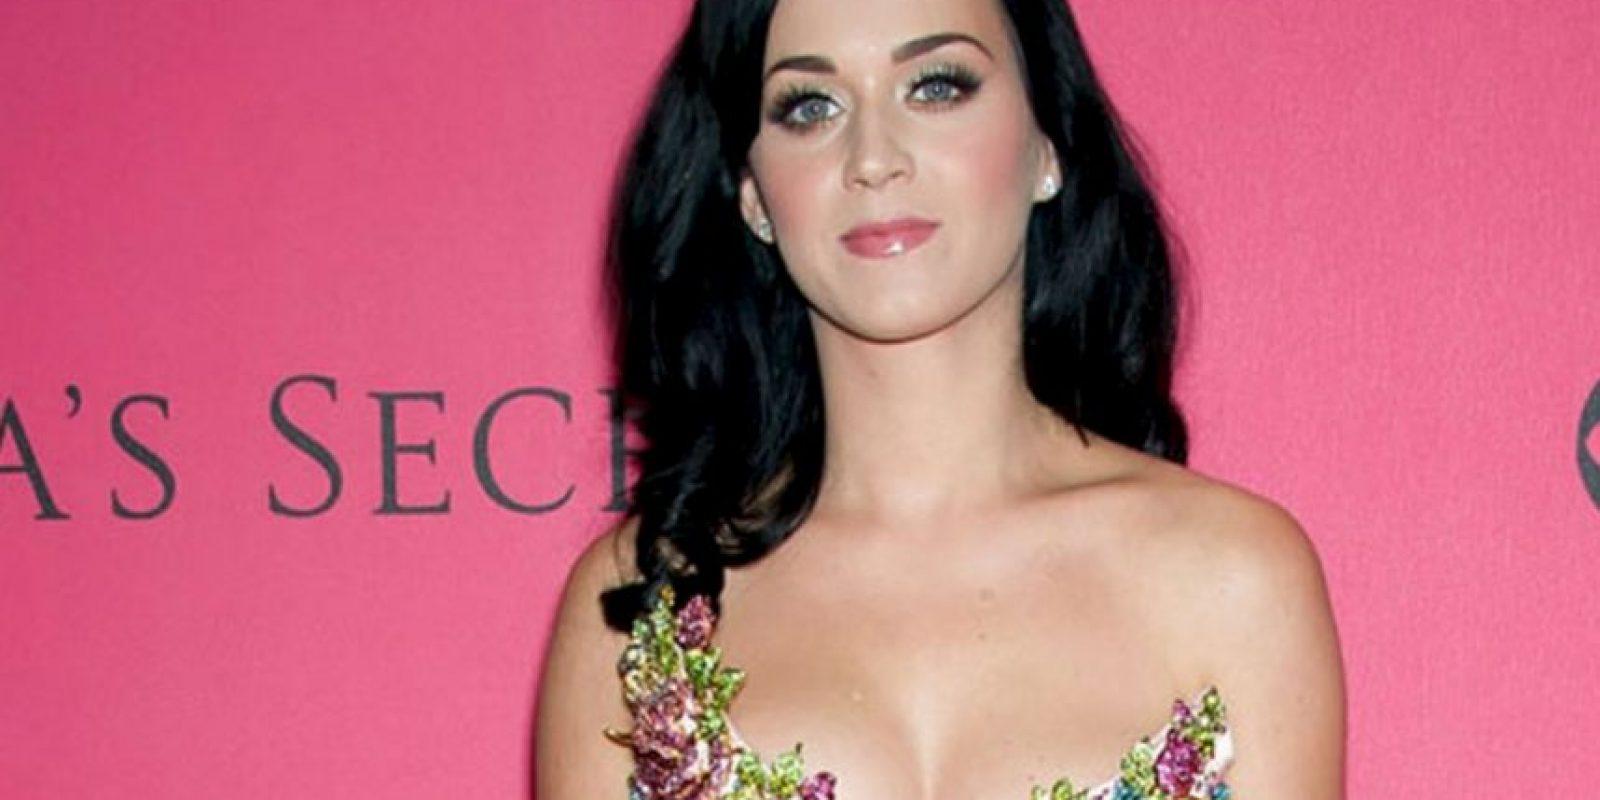 Katy Perry es una de las más eclécticas cantantes pop y un símbolo de belleza para muchos. Foto:vía Getty Images. Imagen Por: